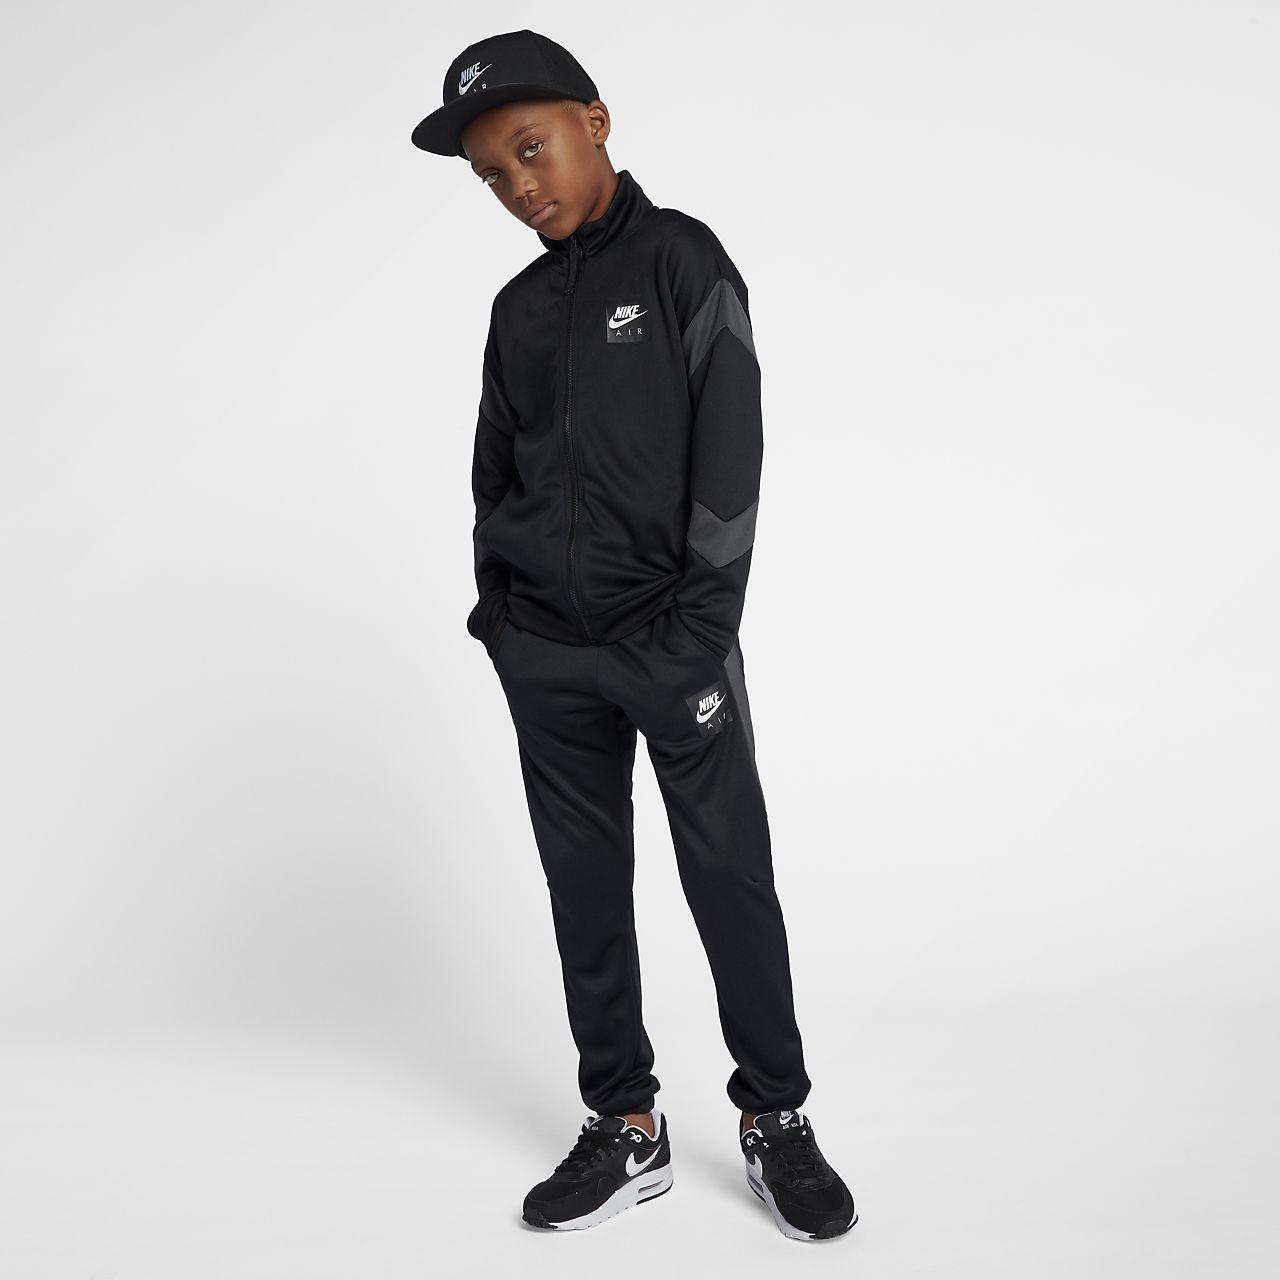 Nike Air Chándal - Niño. Nike.com ES 1a3d4a4f9dffb